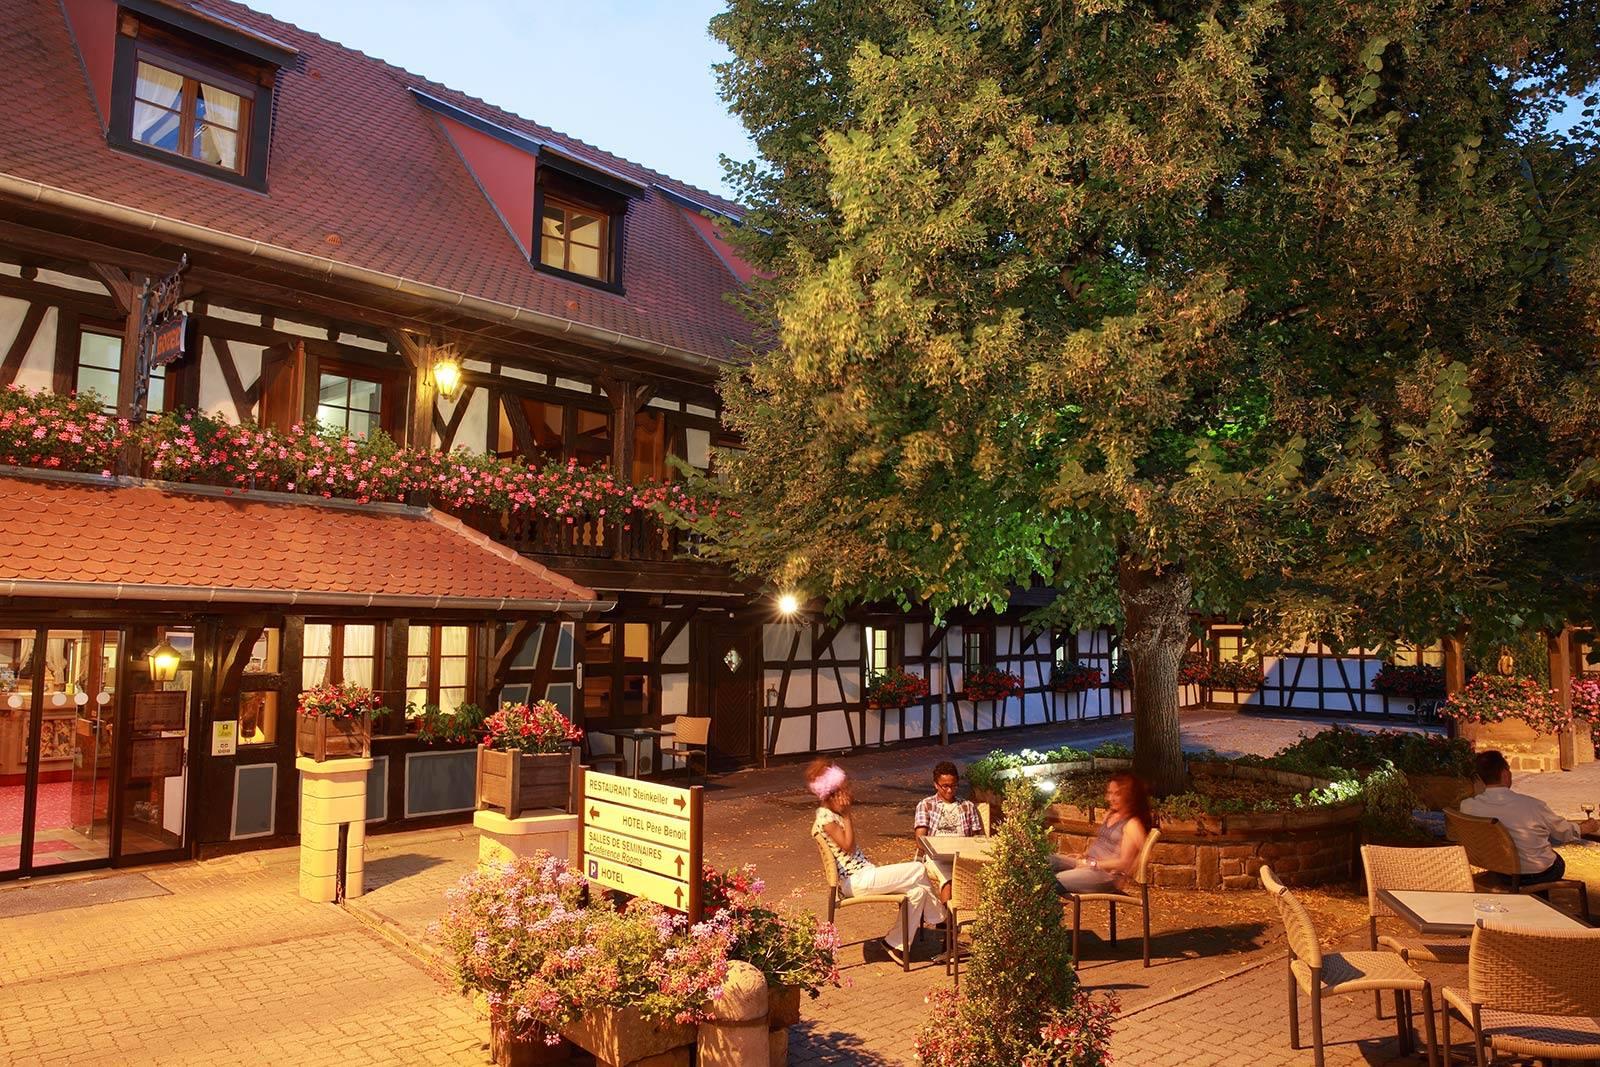 L'albergo nel meraviglioso borgo alsaziano (cit.)